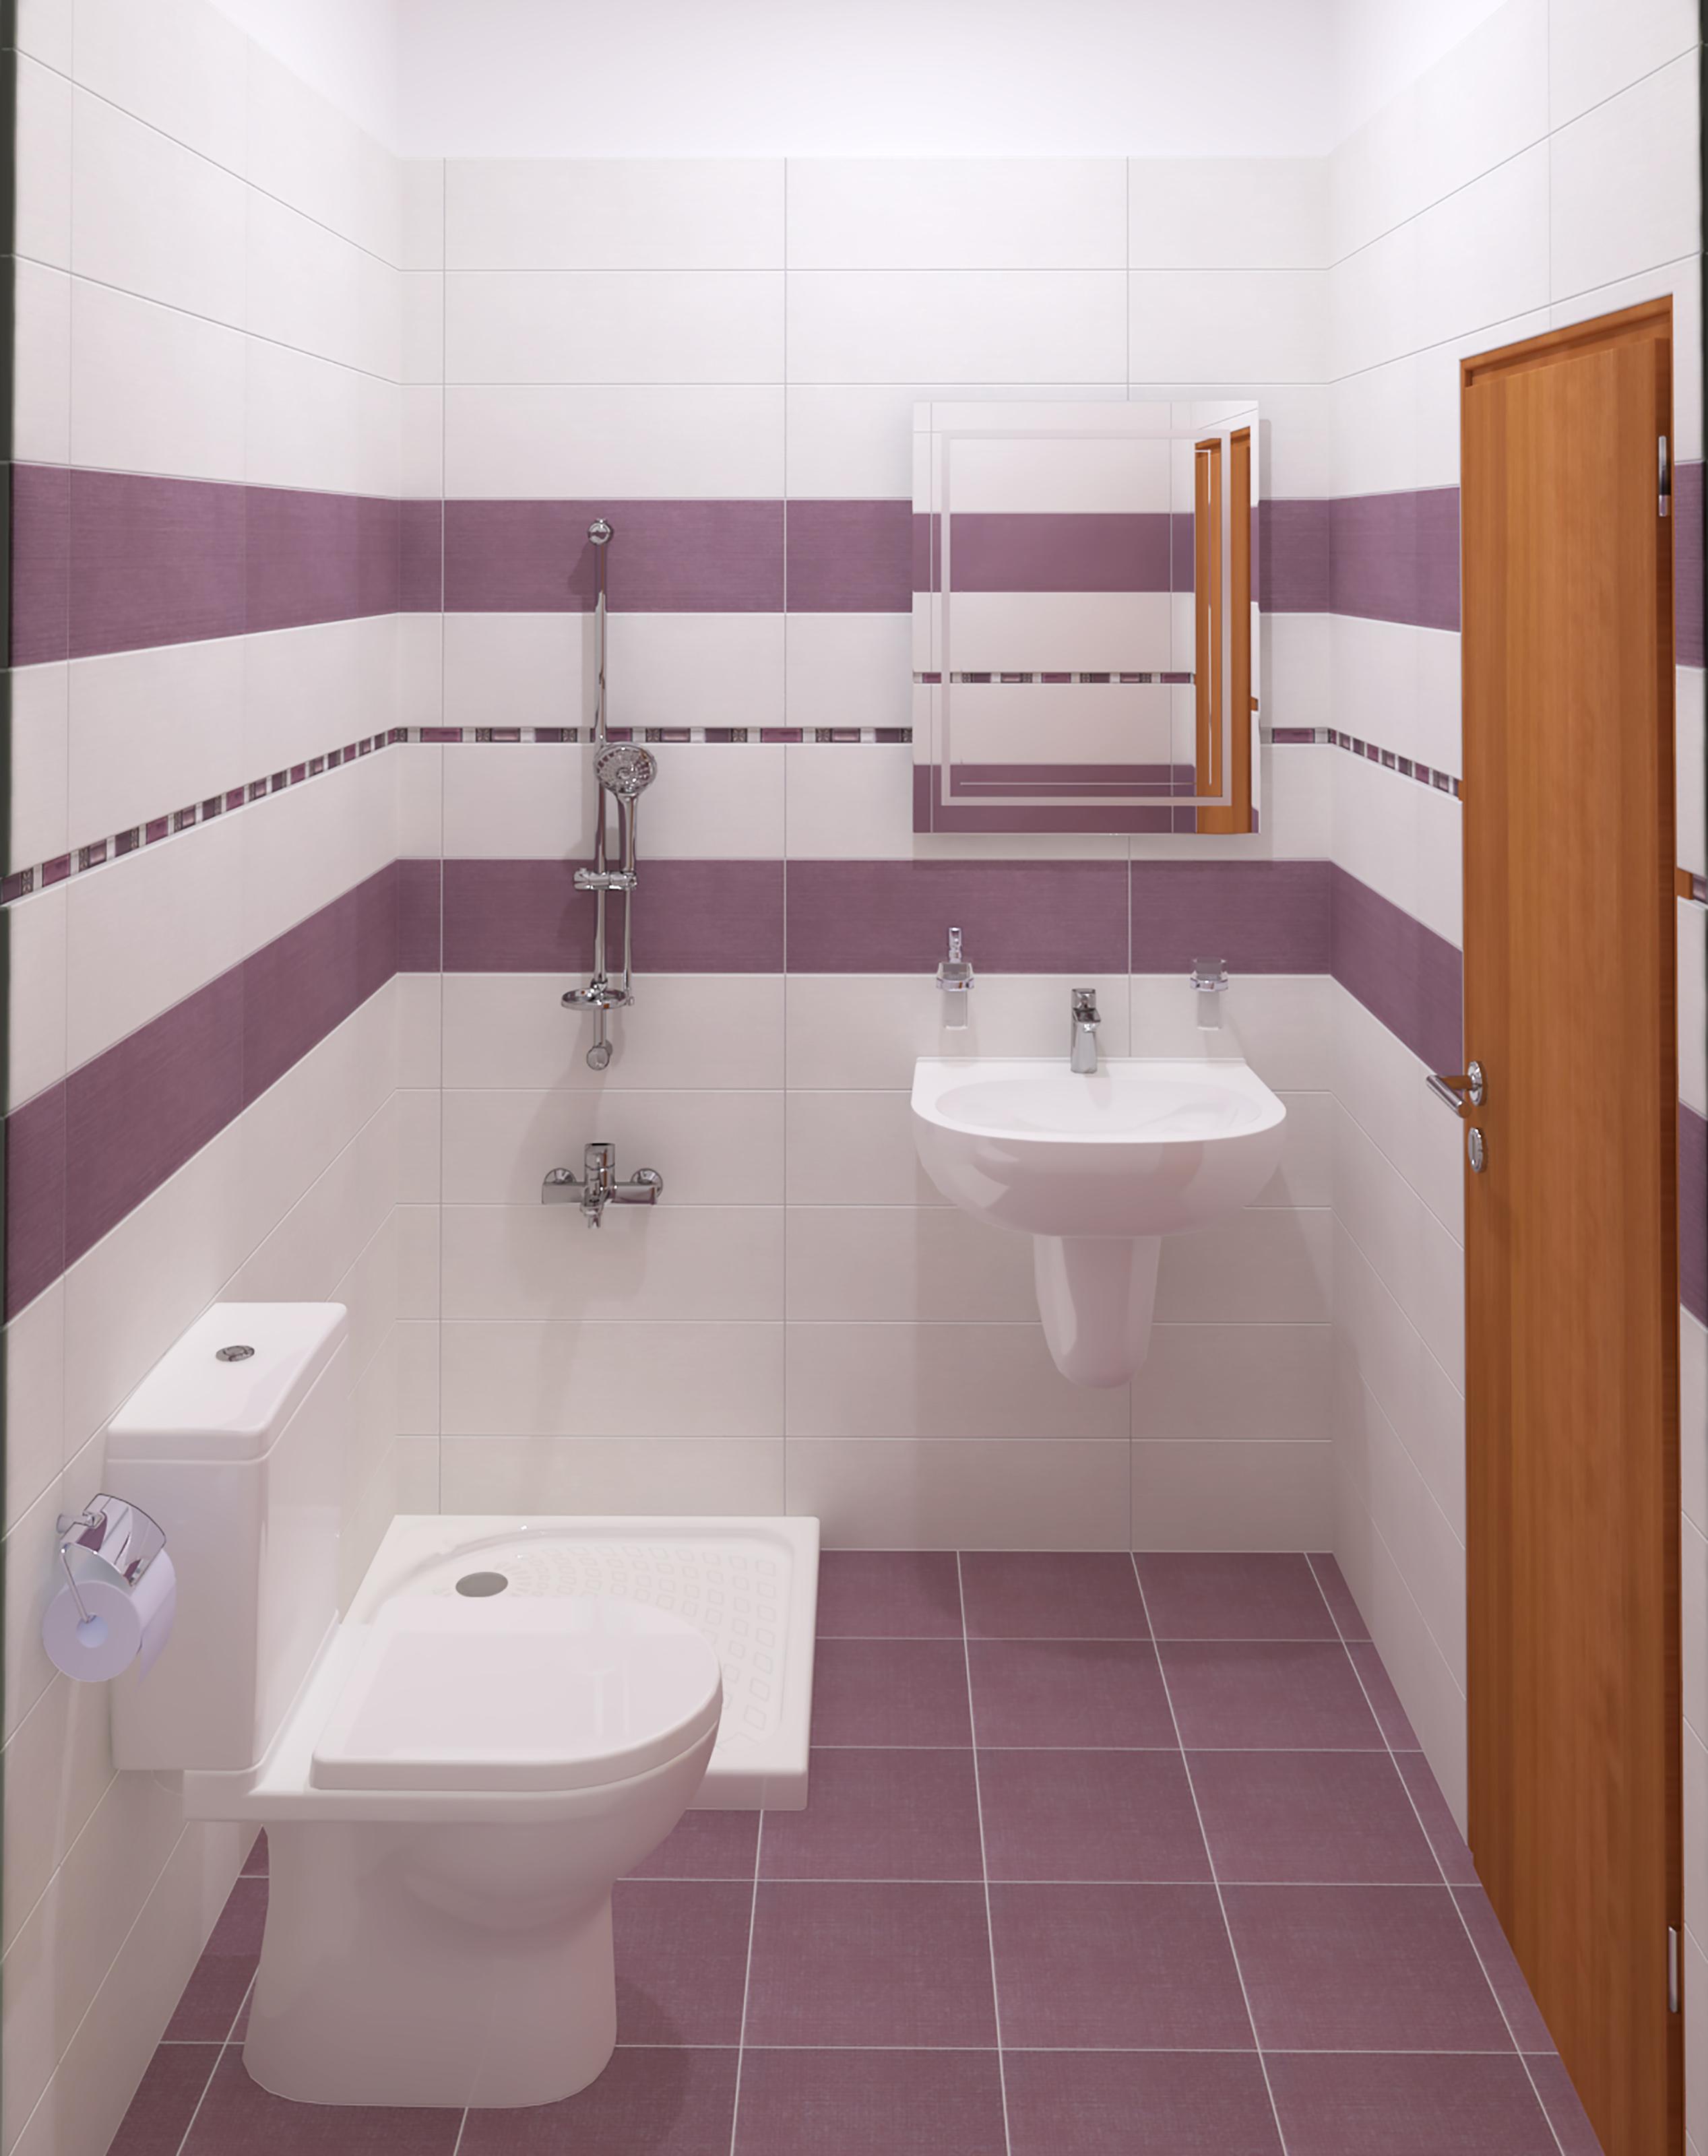 Maid Toilet View Bathroom By JisharSara Trading On ViSoft Portal - Bathroom maid